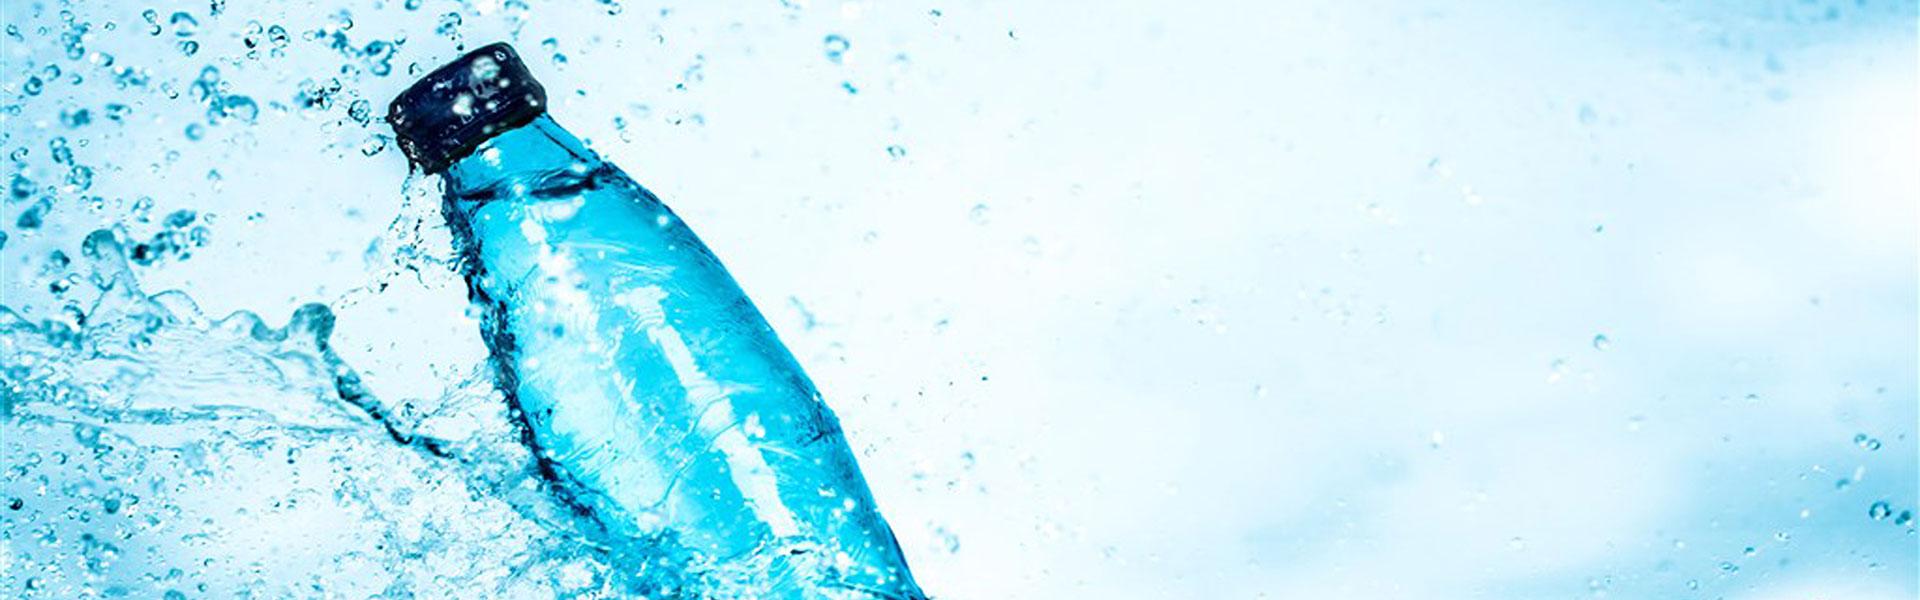 小粒径超细硅溶胶的性能与用途